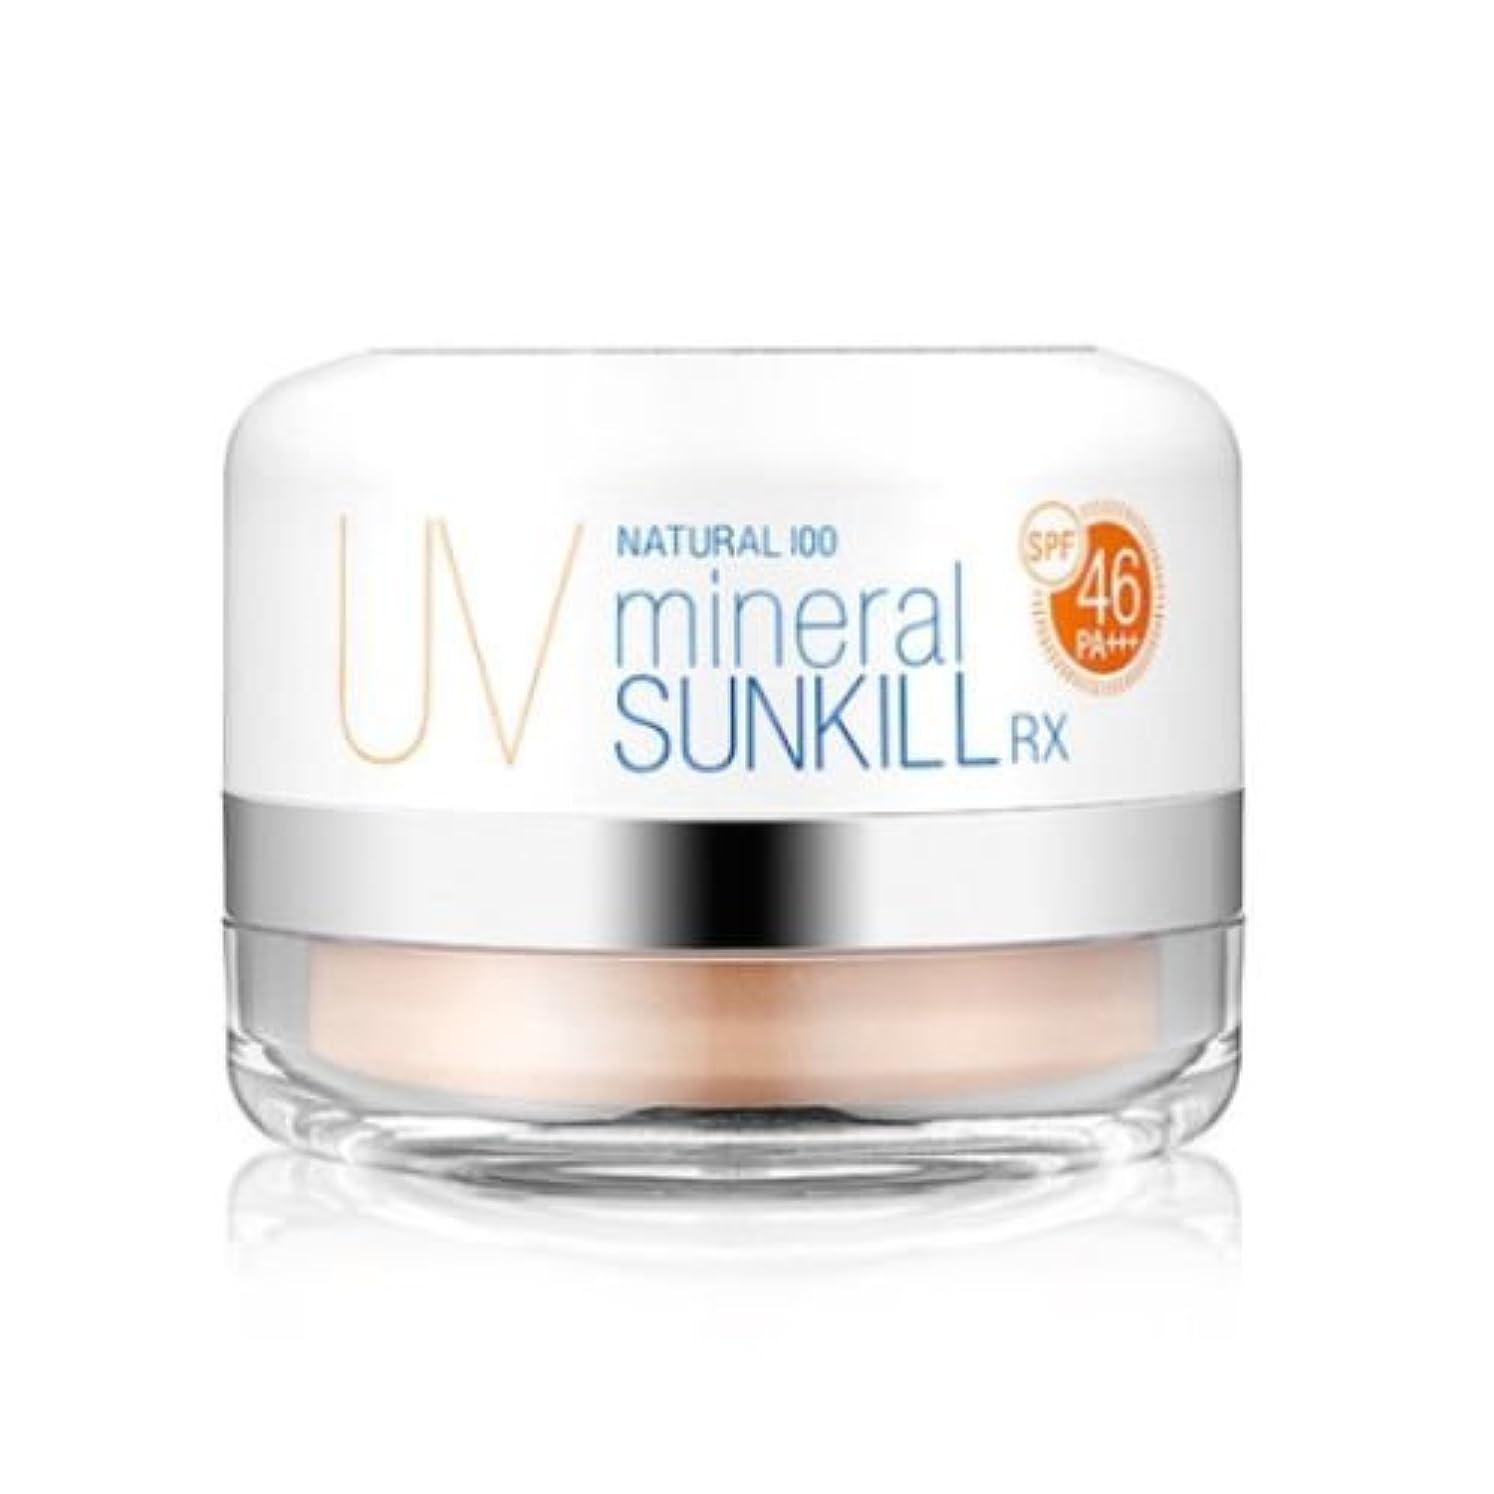 大人ビット段落カトリン[Catrin]Natural 100% Mineral Powder Sunkill RX Natural 100 Mineral Sunkill RX UV Powder ナチュラル100ミネラルソンキルRX...